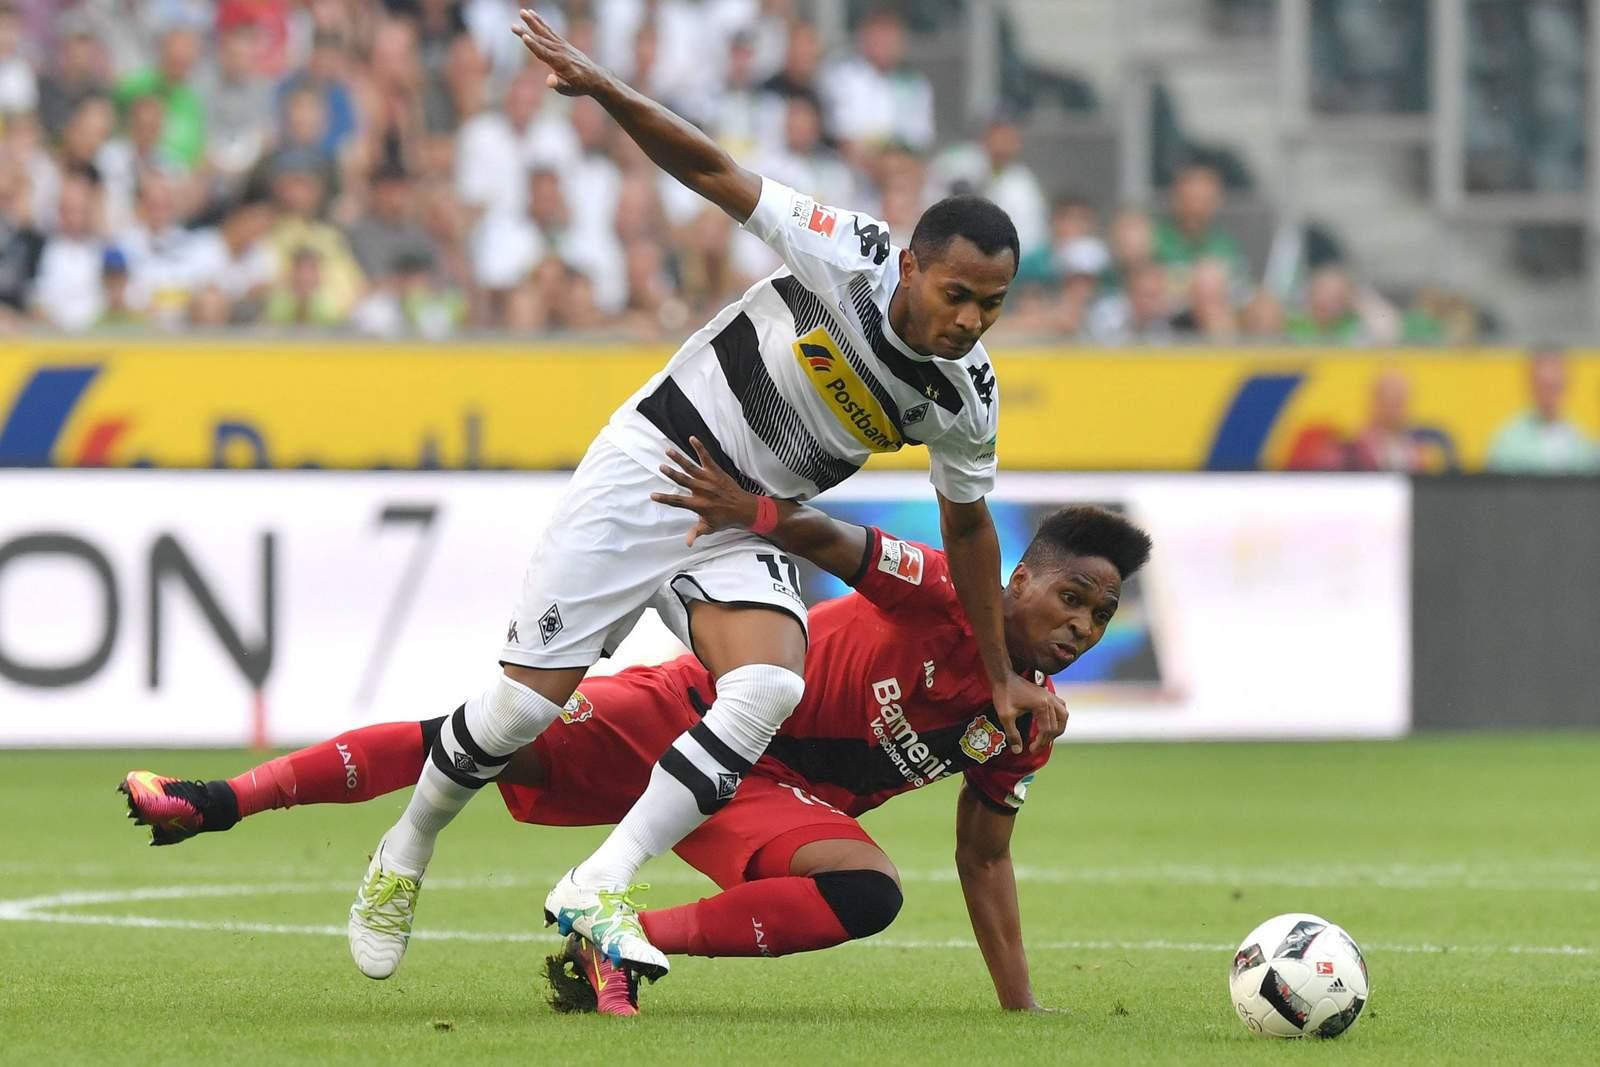 Raffael gegen Wendell. Jetzt auf die Partie Gladbach gegen Leverkusen wetten